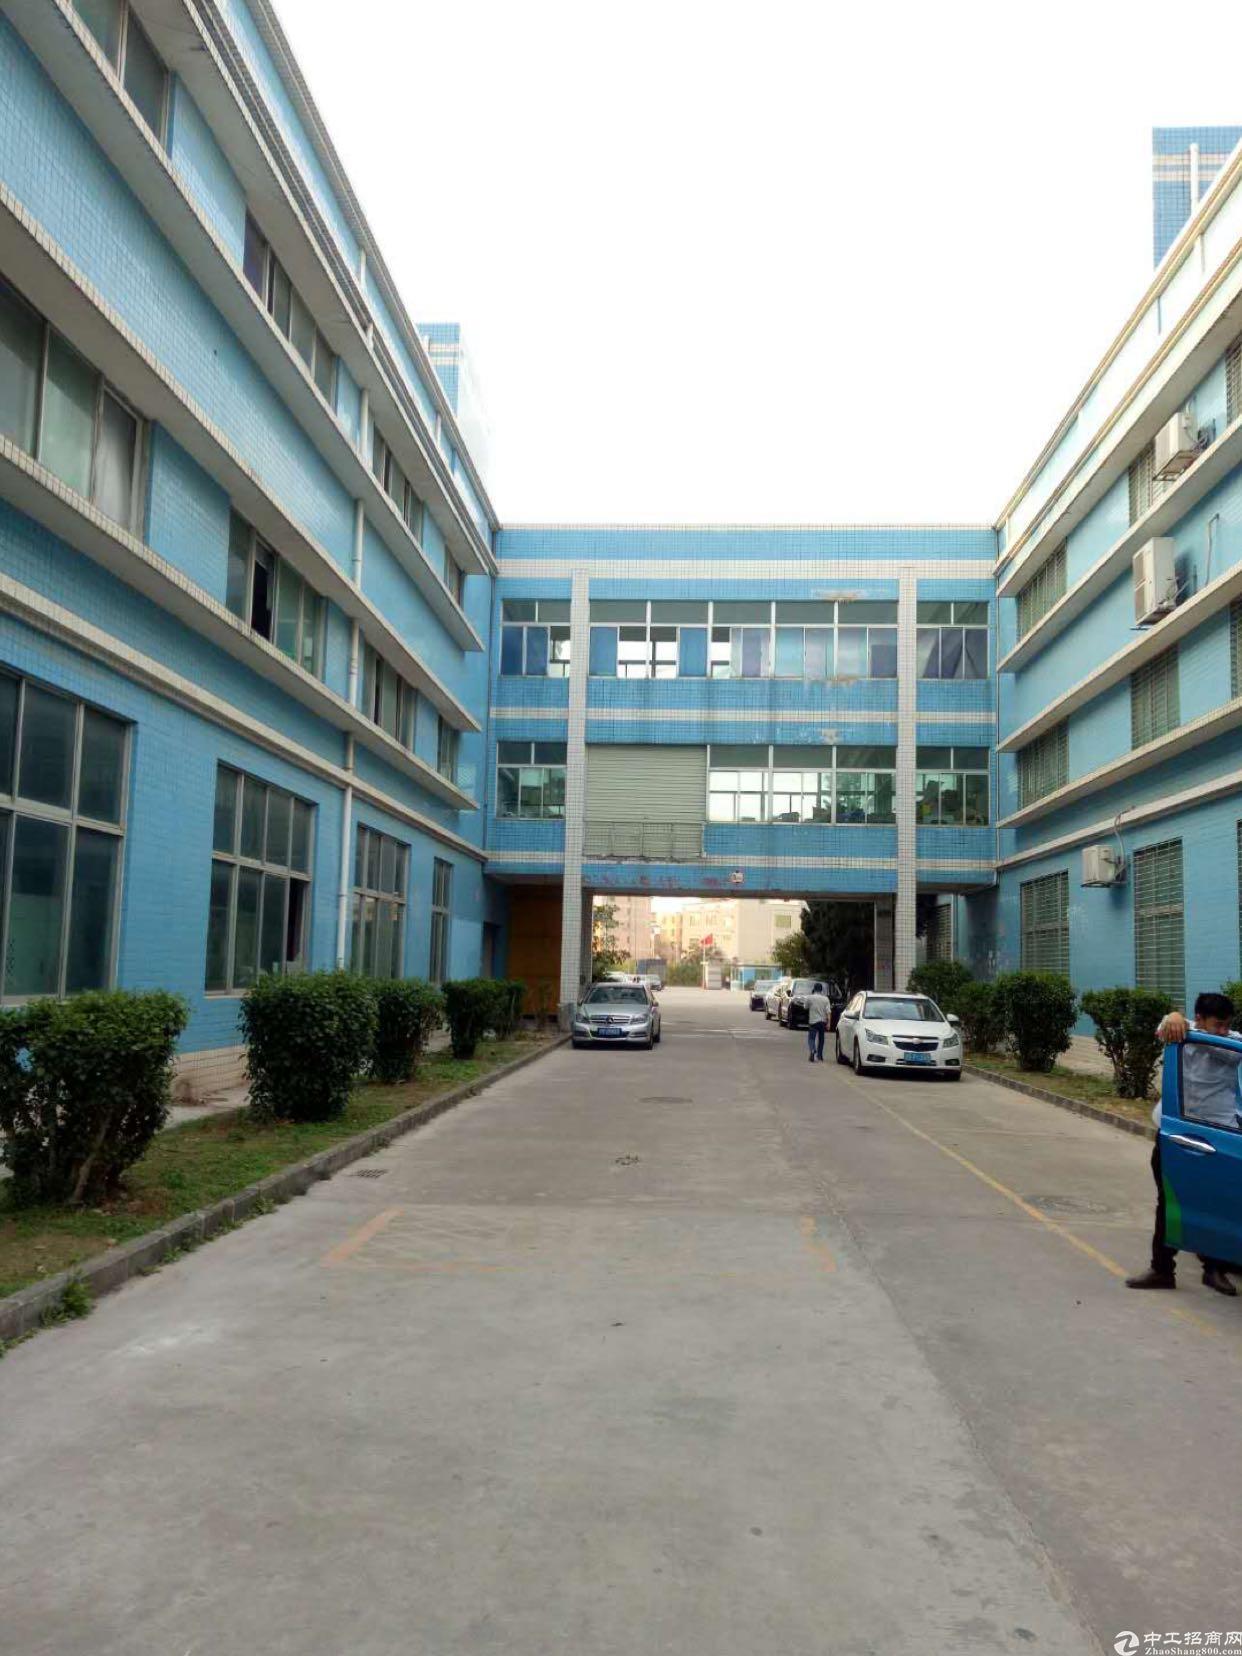 坑梓大型工业园分租楼上1200平方送装修